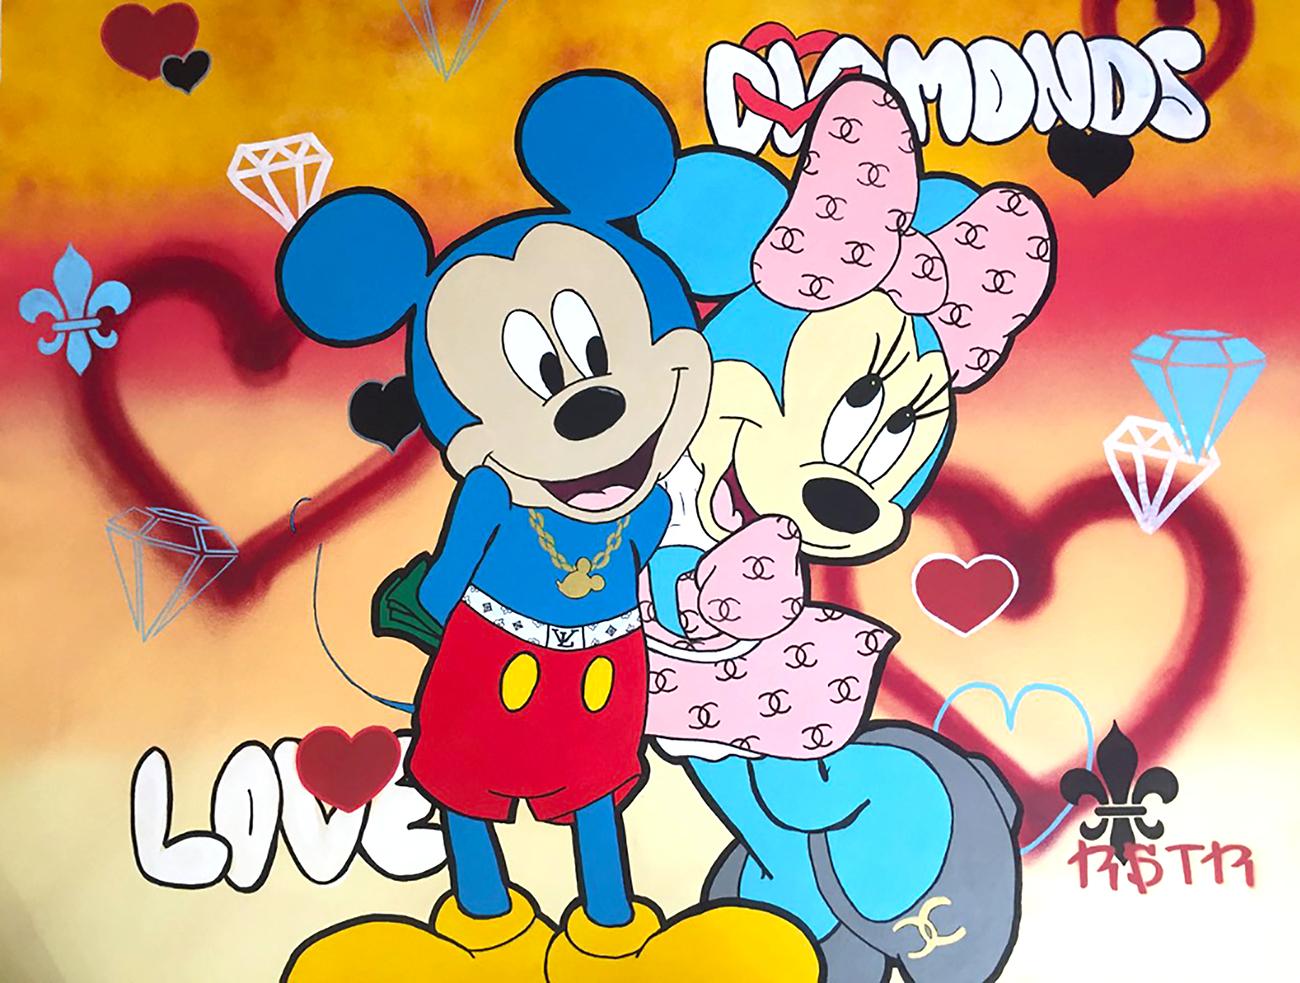 Micky and minny.jpg